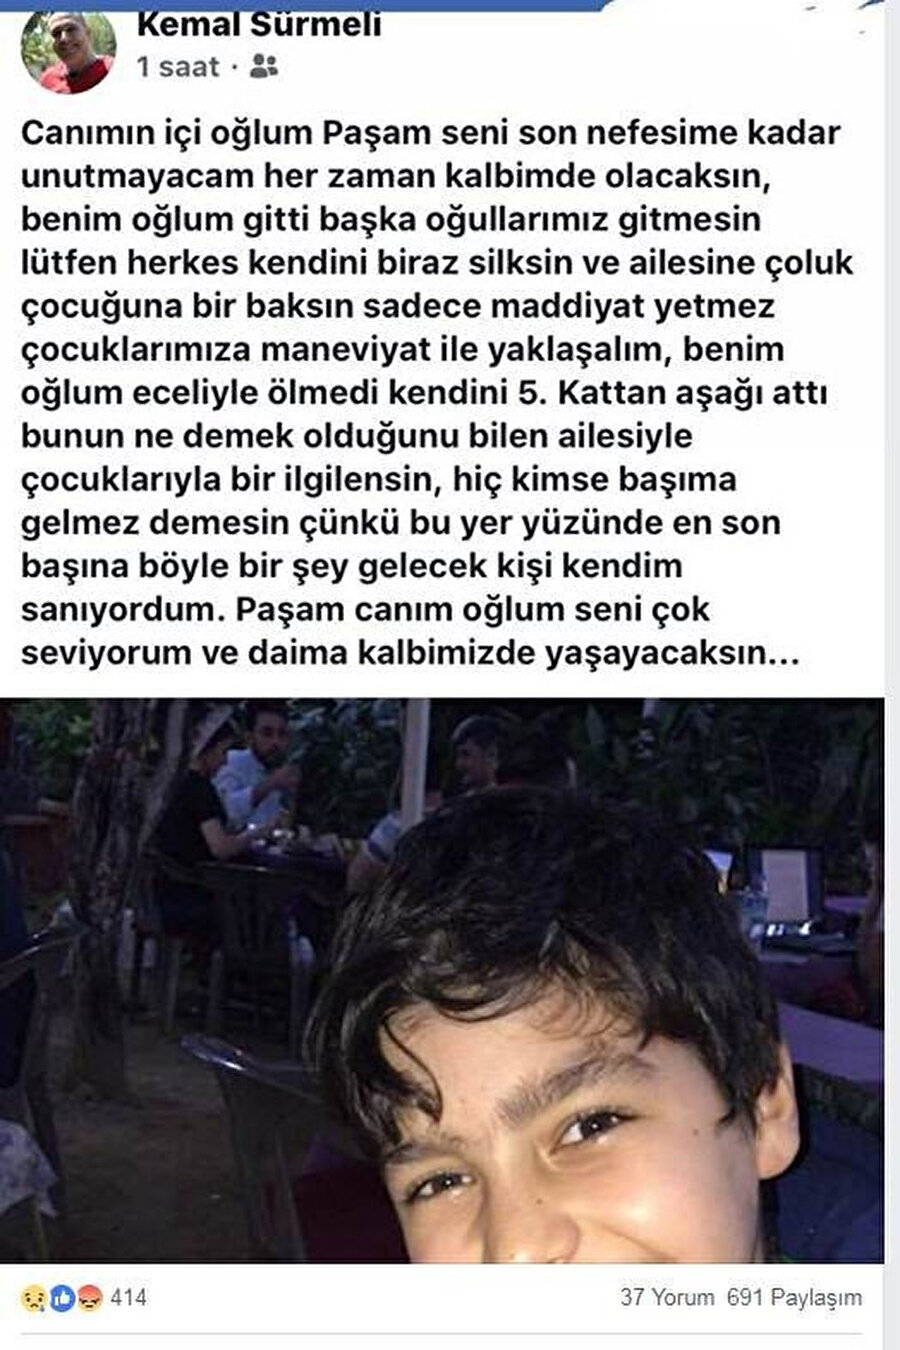 12 yaşındaki Nizamettin'in babası Kemal Sürmeli'nin oğlunun vefatı üzerine yaptığı paylaşım.